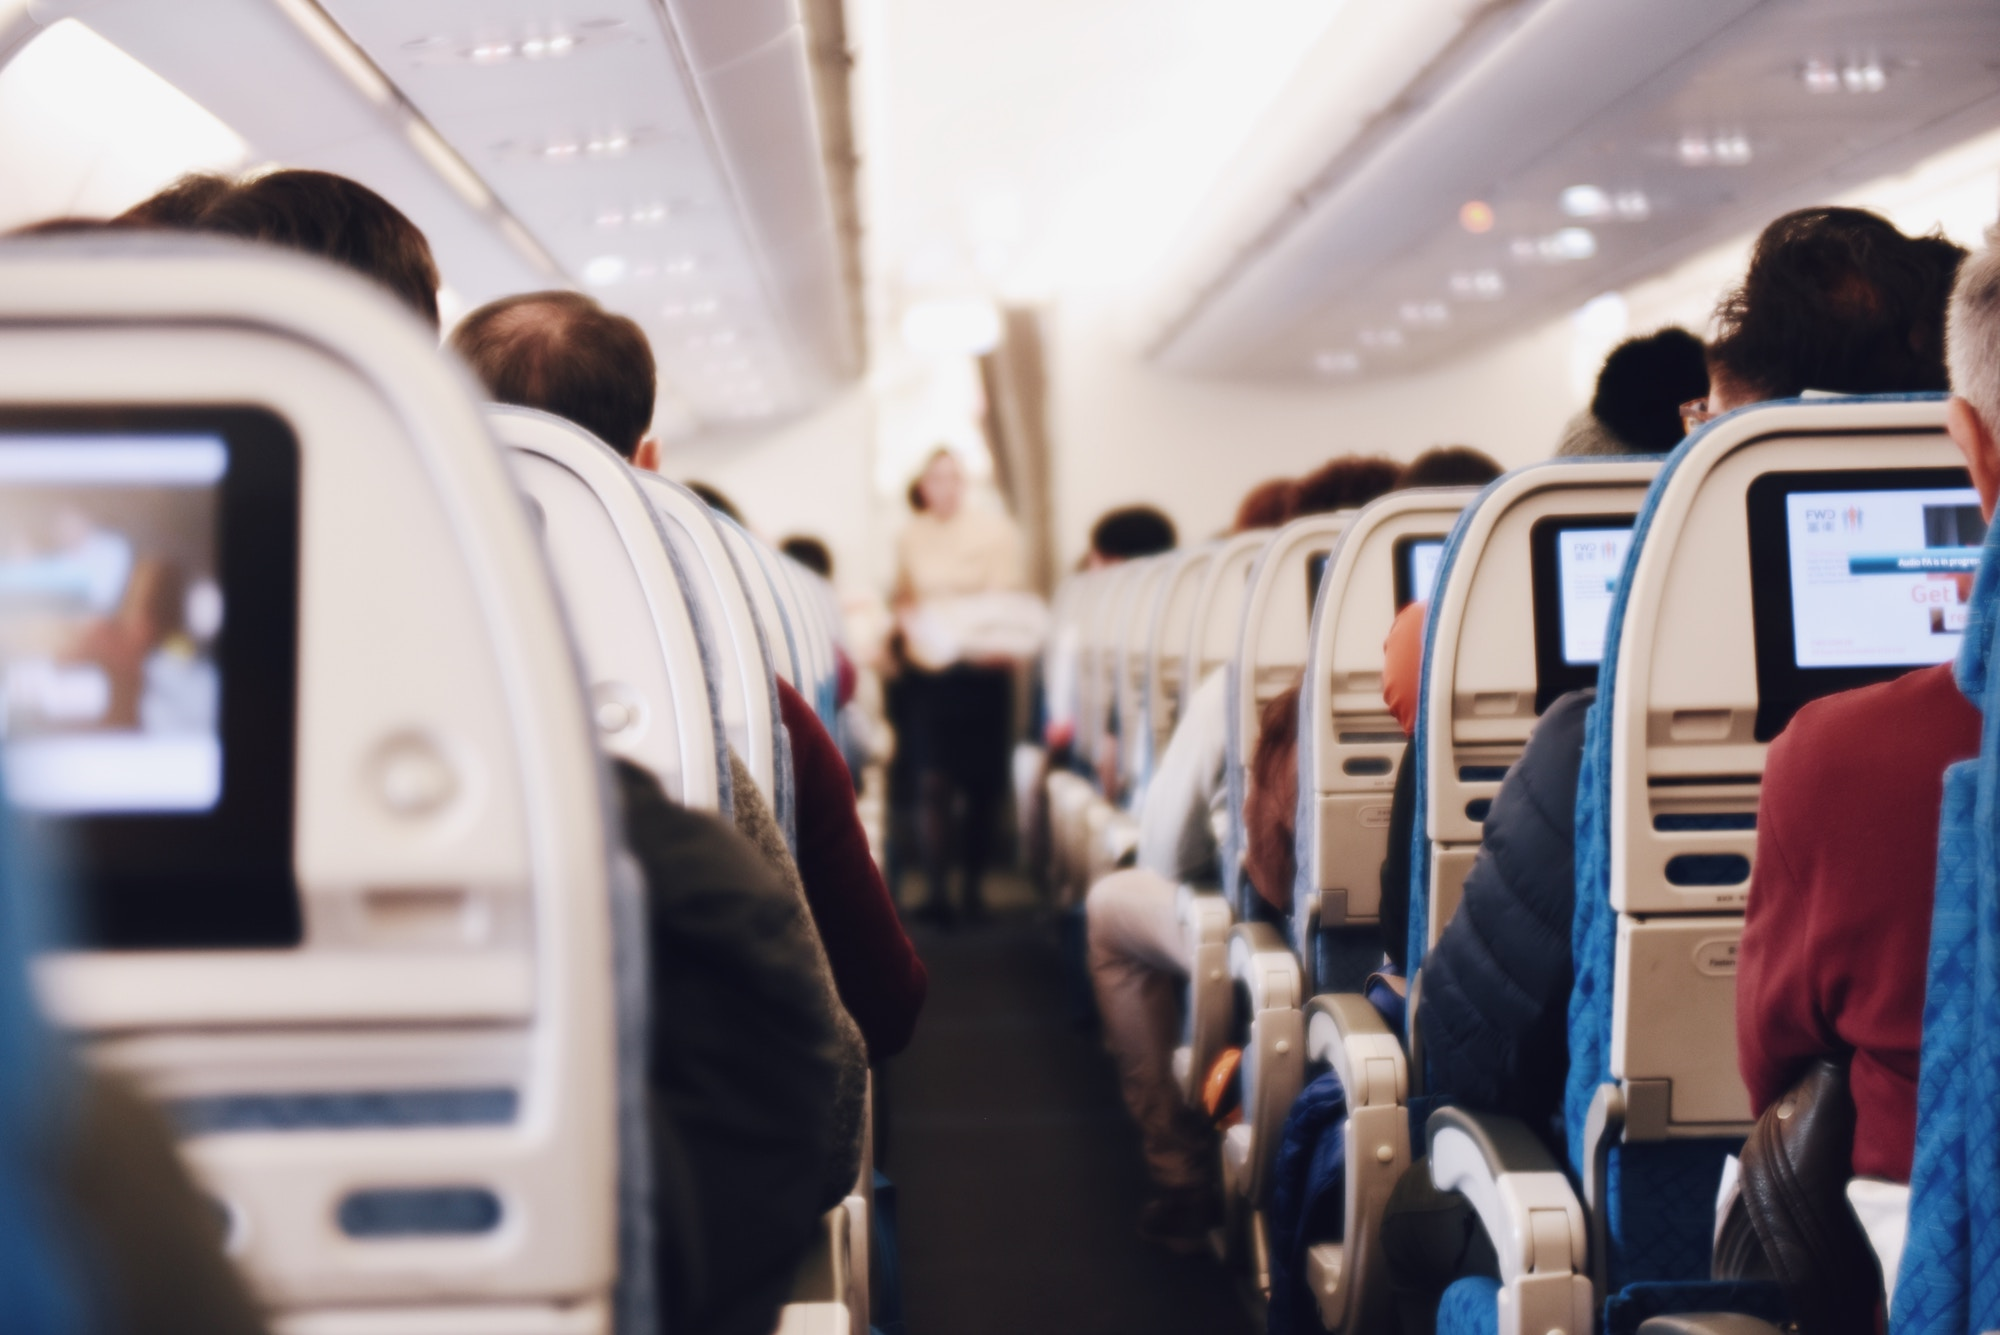 Resultado de imagen para seat airplane